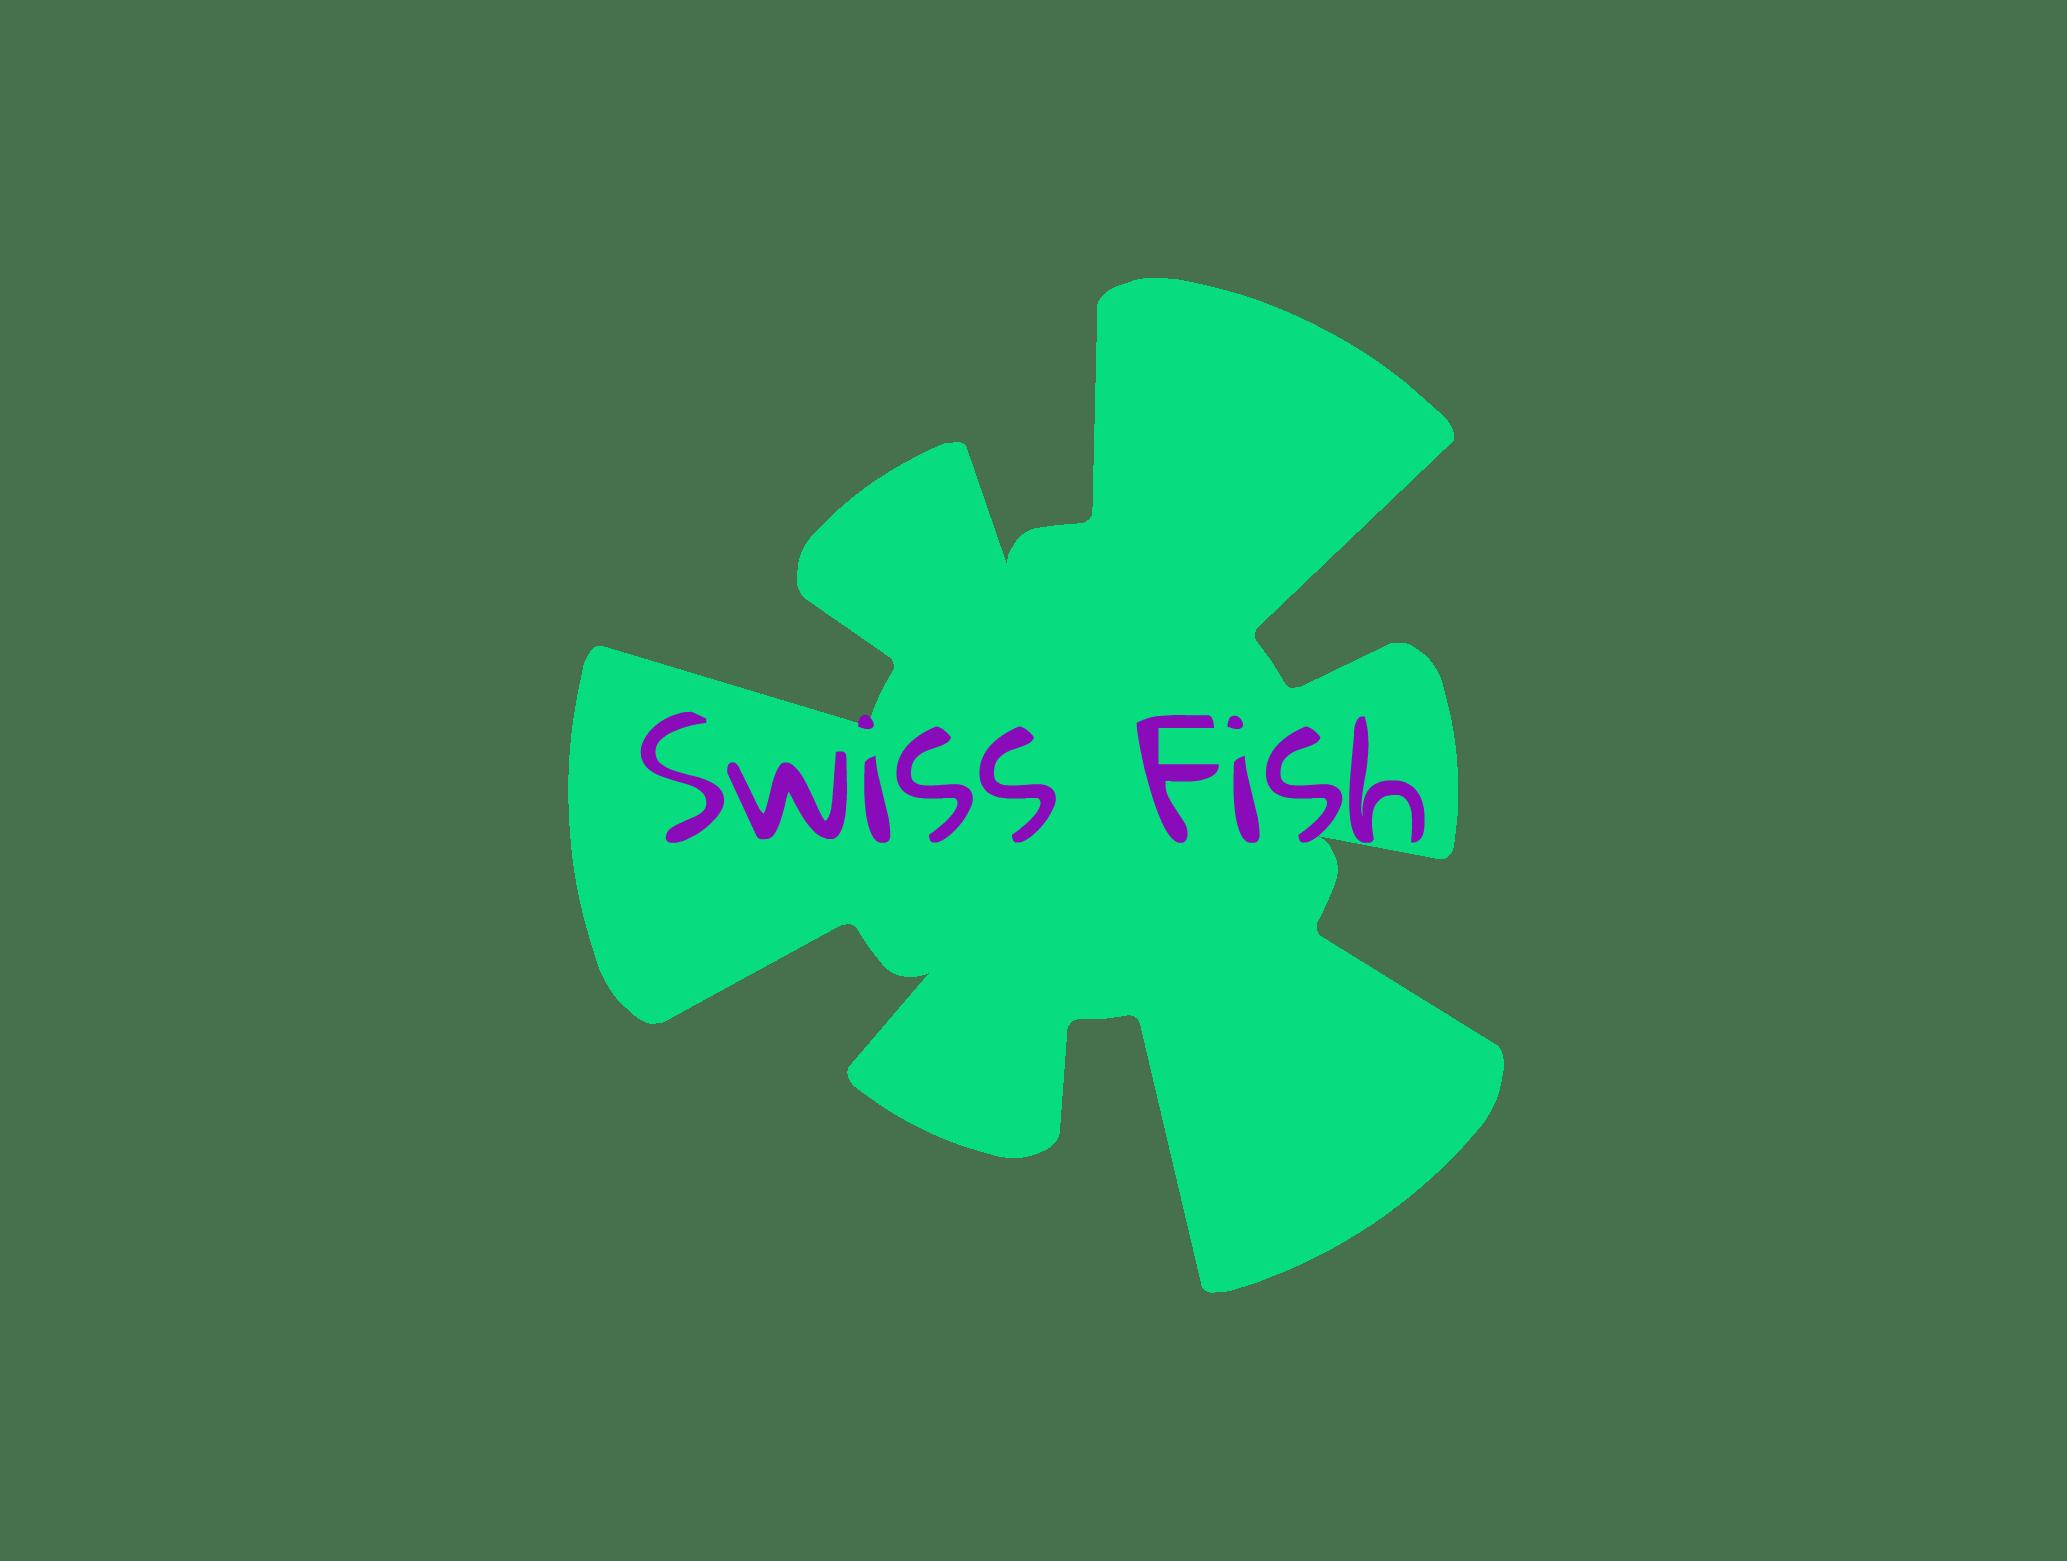 SwissFish